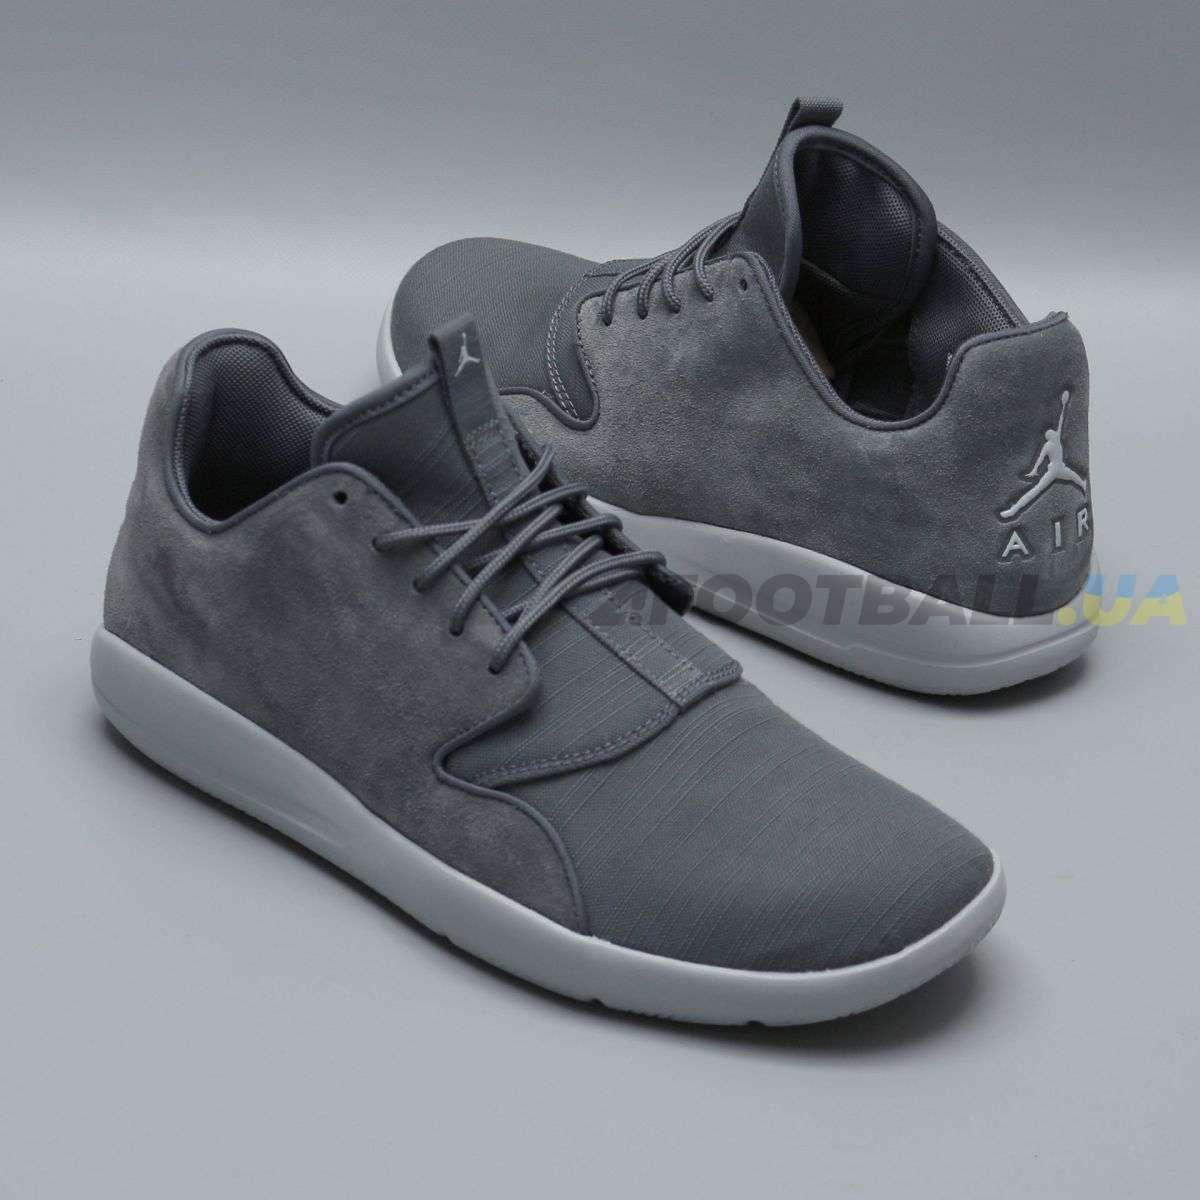 Мужские кроссовки Nike Jordan Eclipse LEA   724368-004 — купить в ... a1d1e2d97d4